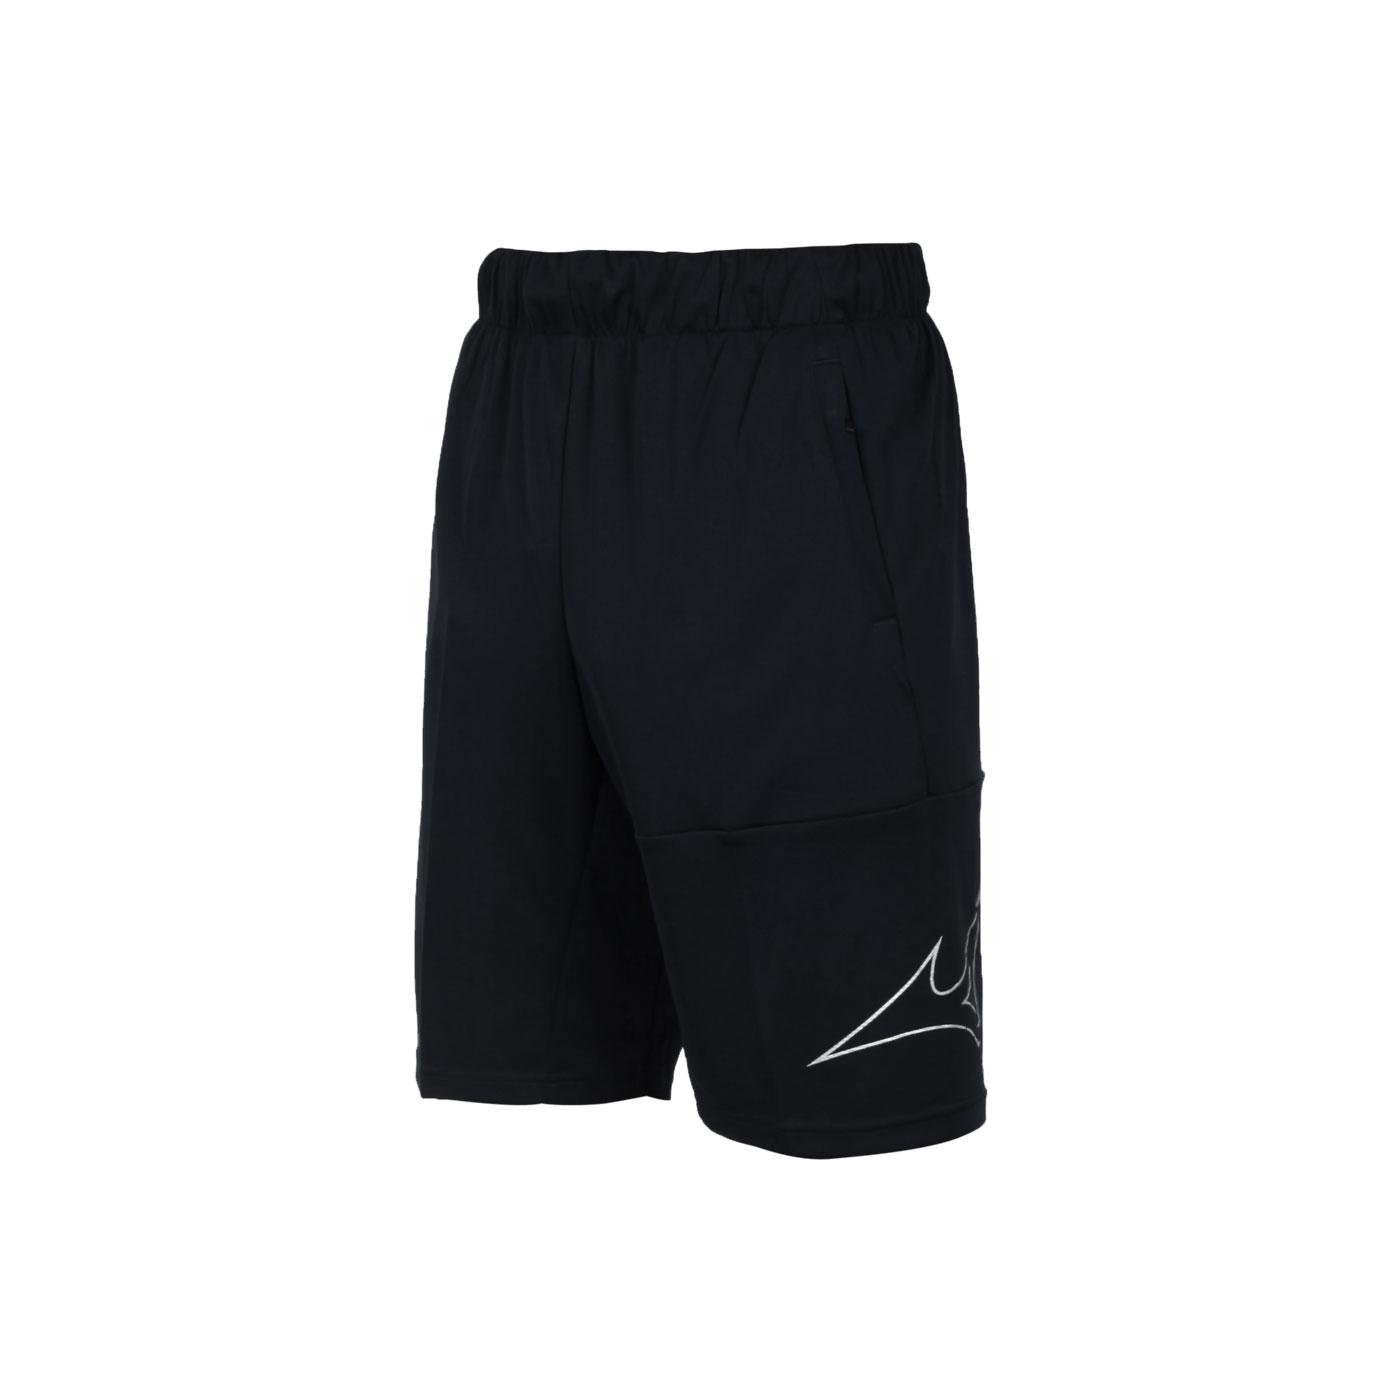 MIZUNO 男款針織短褲 32TB153190 - 黑白